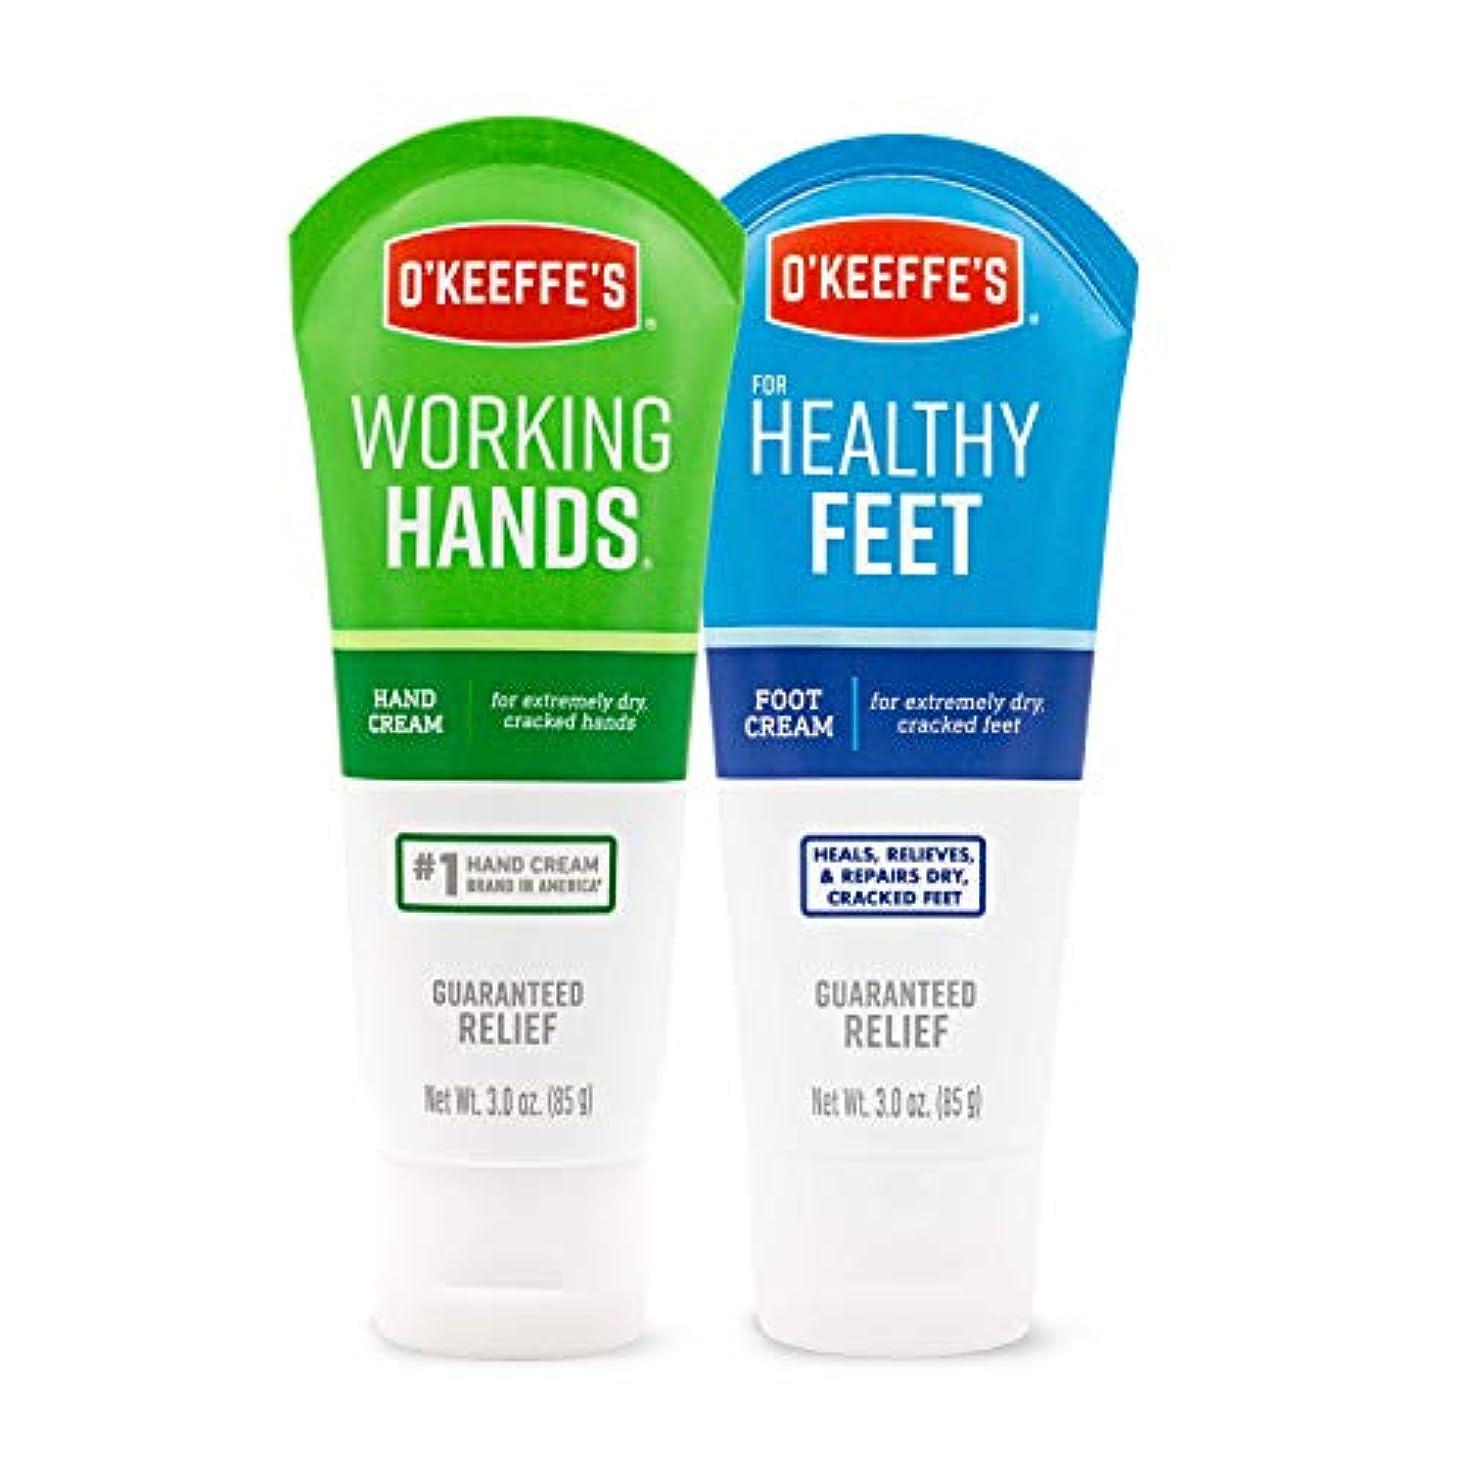 メロドラマティック感心する富オキーフス ワーキングハンドクリーム &フィートクリームチューブ  85g 各1(合計2点)(並行輸入品) O'Keeffe's Working Hand & Feet Tube Cream 3oz 1 each